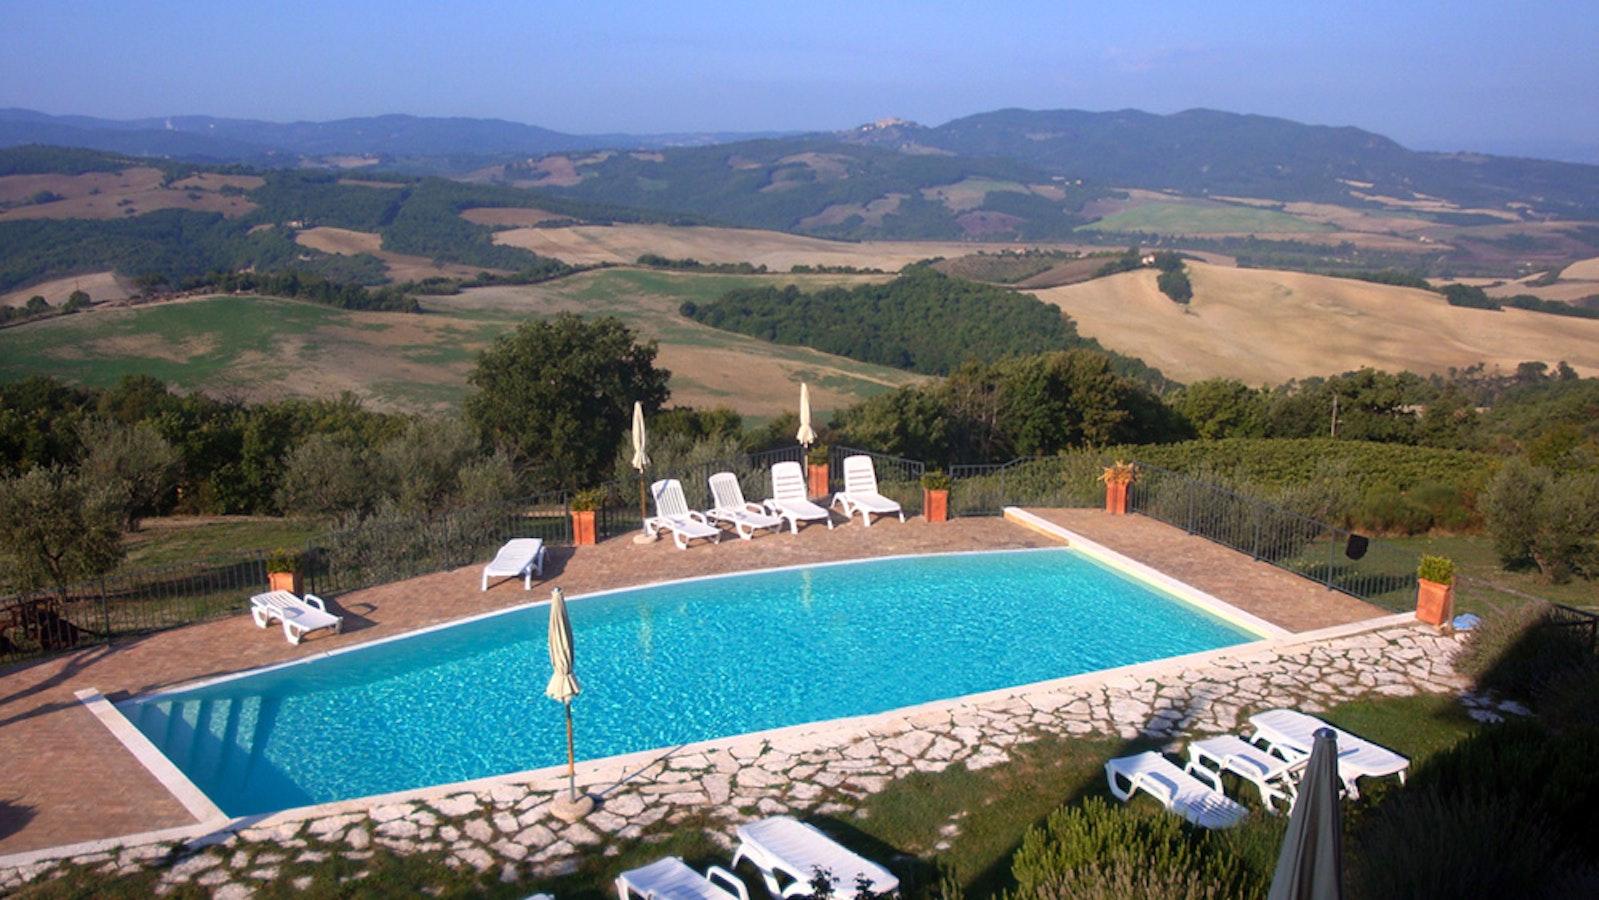 Podere colombaiolo radicondoli agriturismo con piscina a - Agriturismo con piscina siena ...